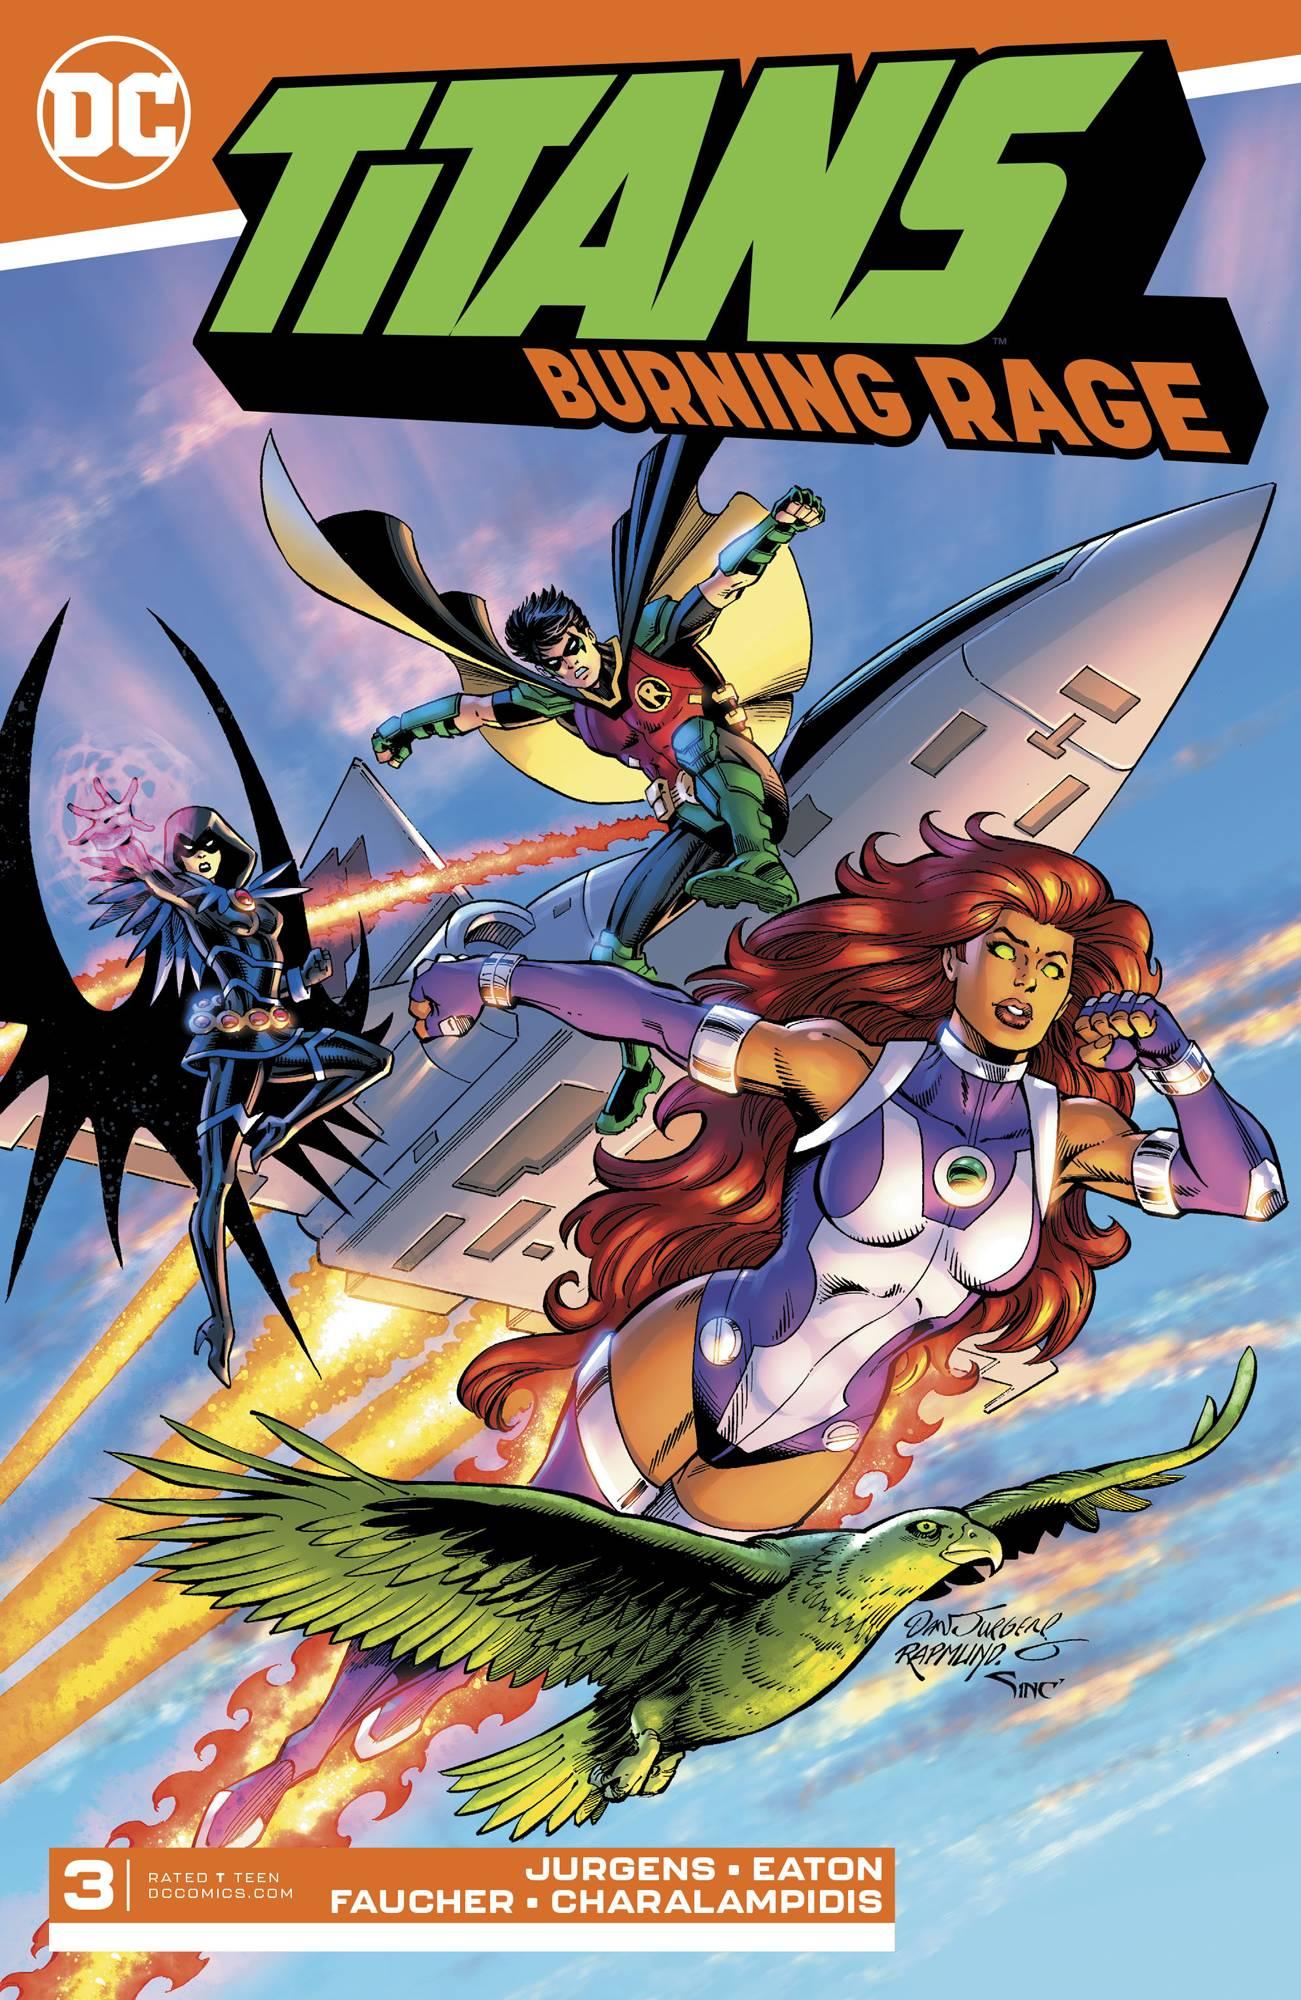 Titans: Burning Rage #3 (2019)